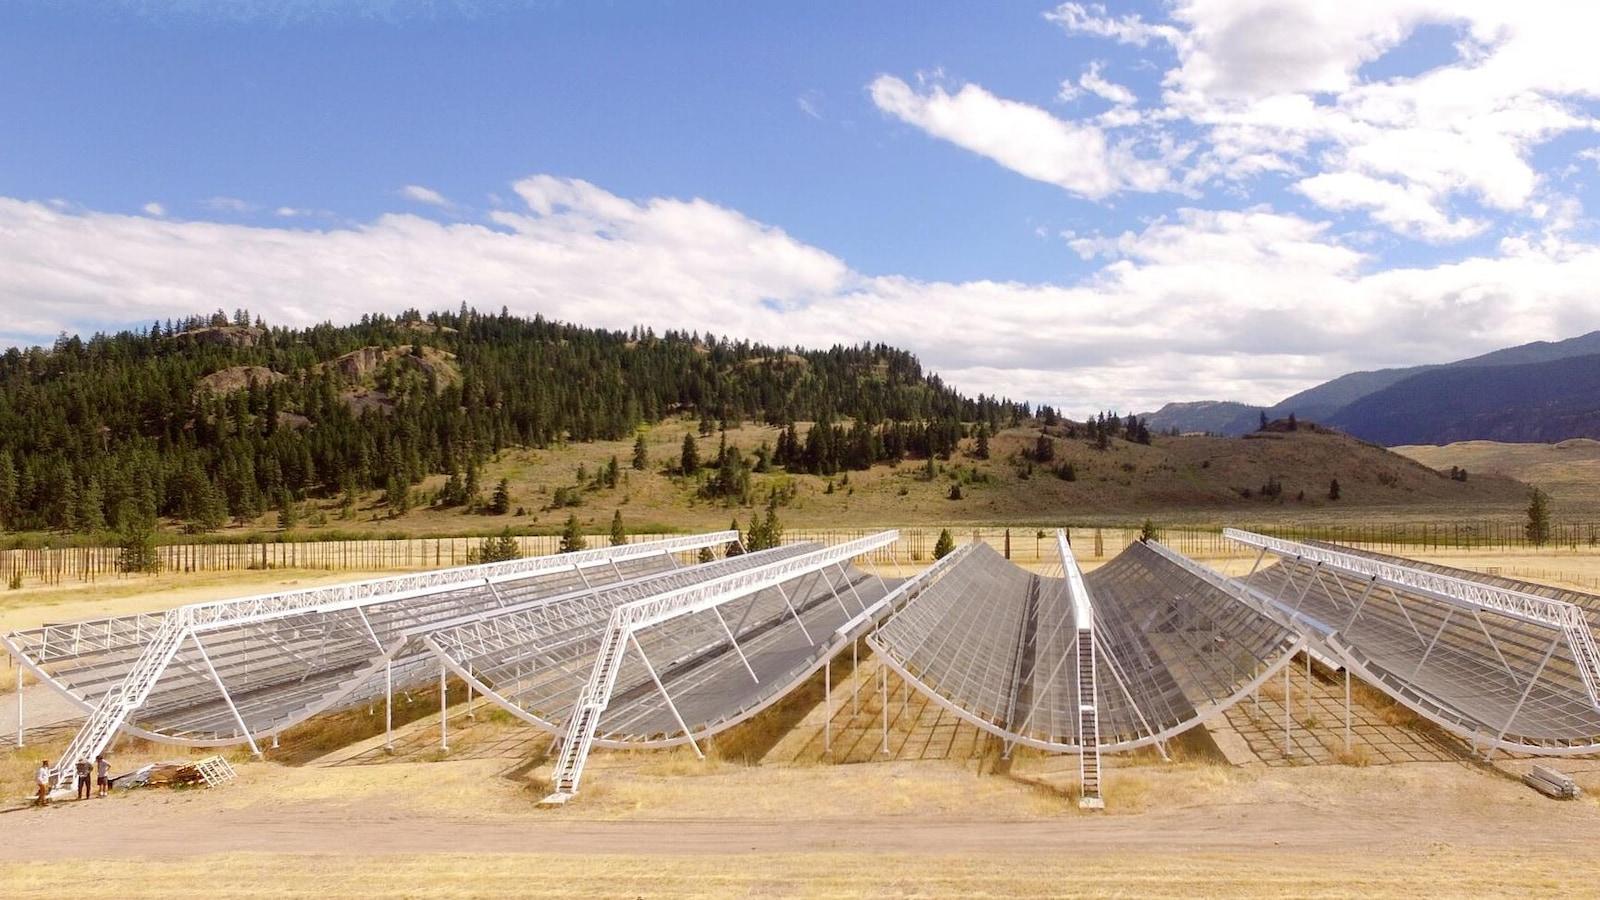 Le radiotélescope CHIME occupe un espace qui équivaut à celui de cinq patinoires de la LNH.